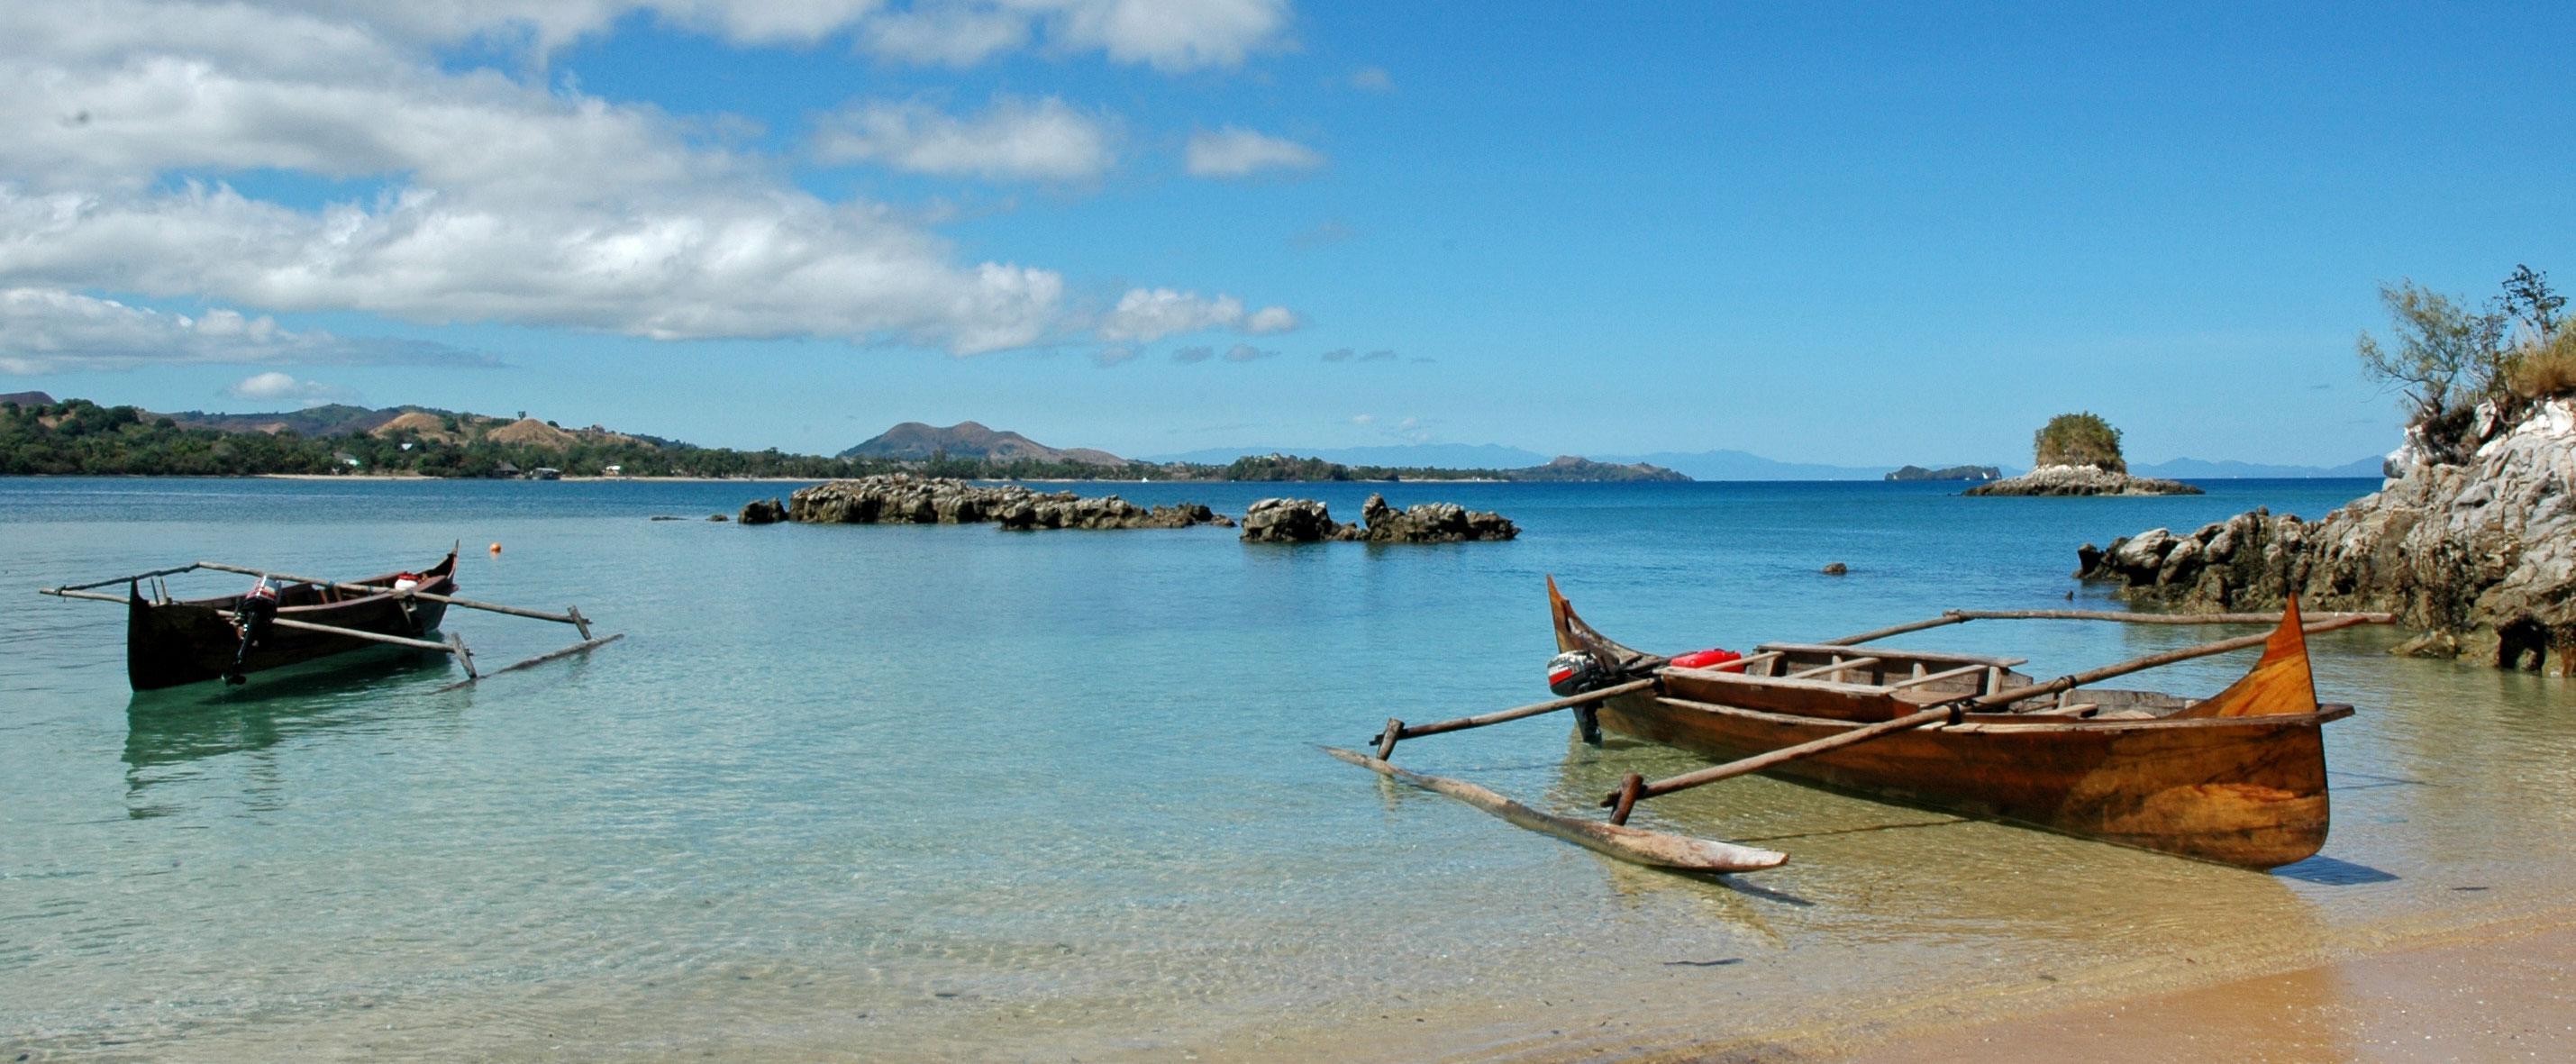 Madagascar, DIANA